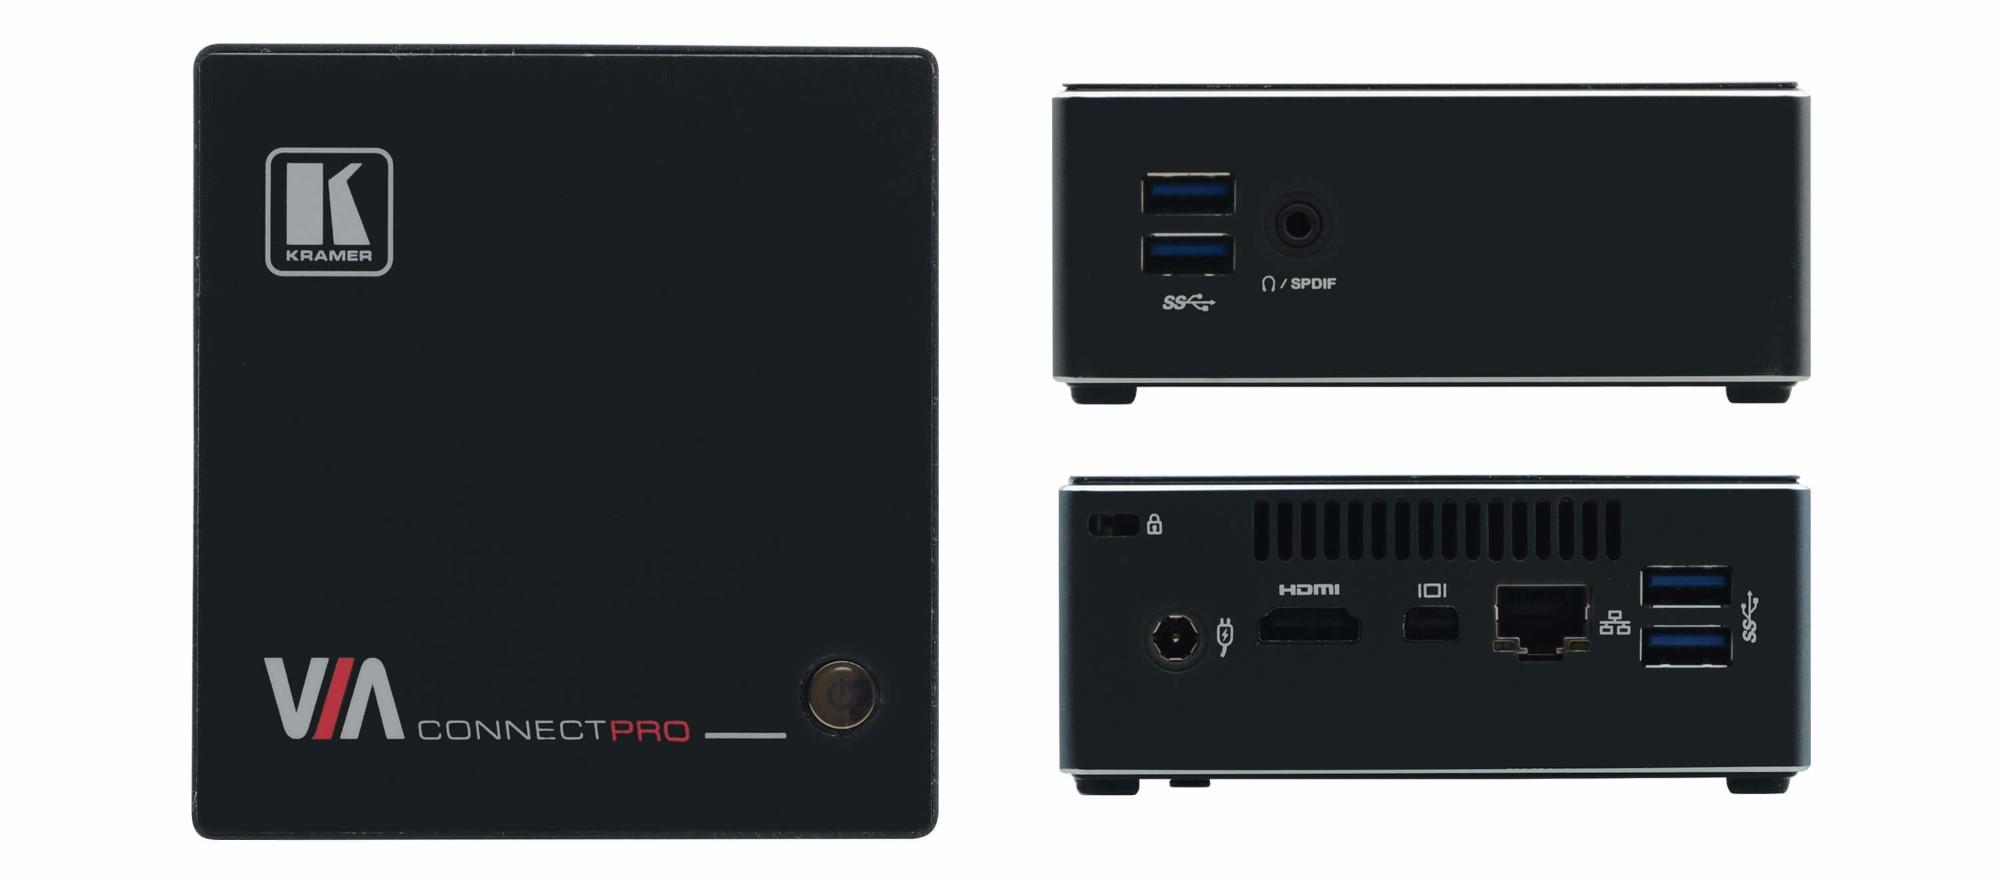 Kramer Electronics VIA Connect PRO Transmisor y receptor de señales AV Negro